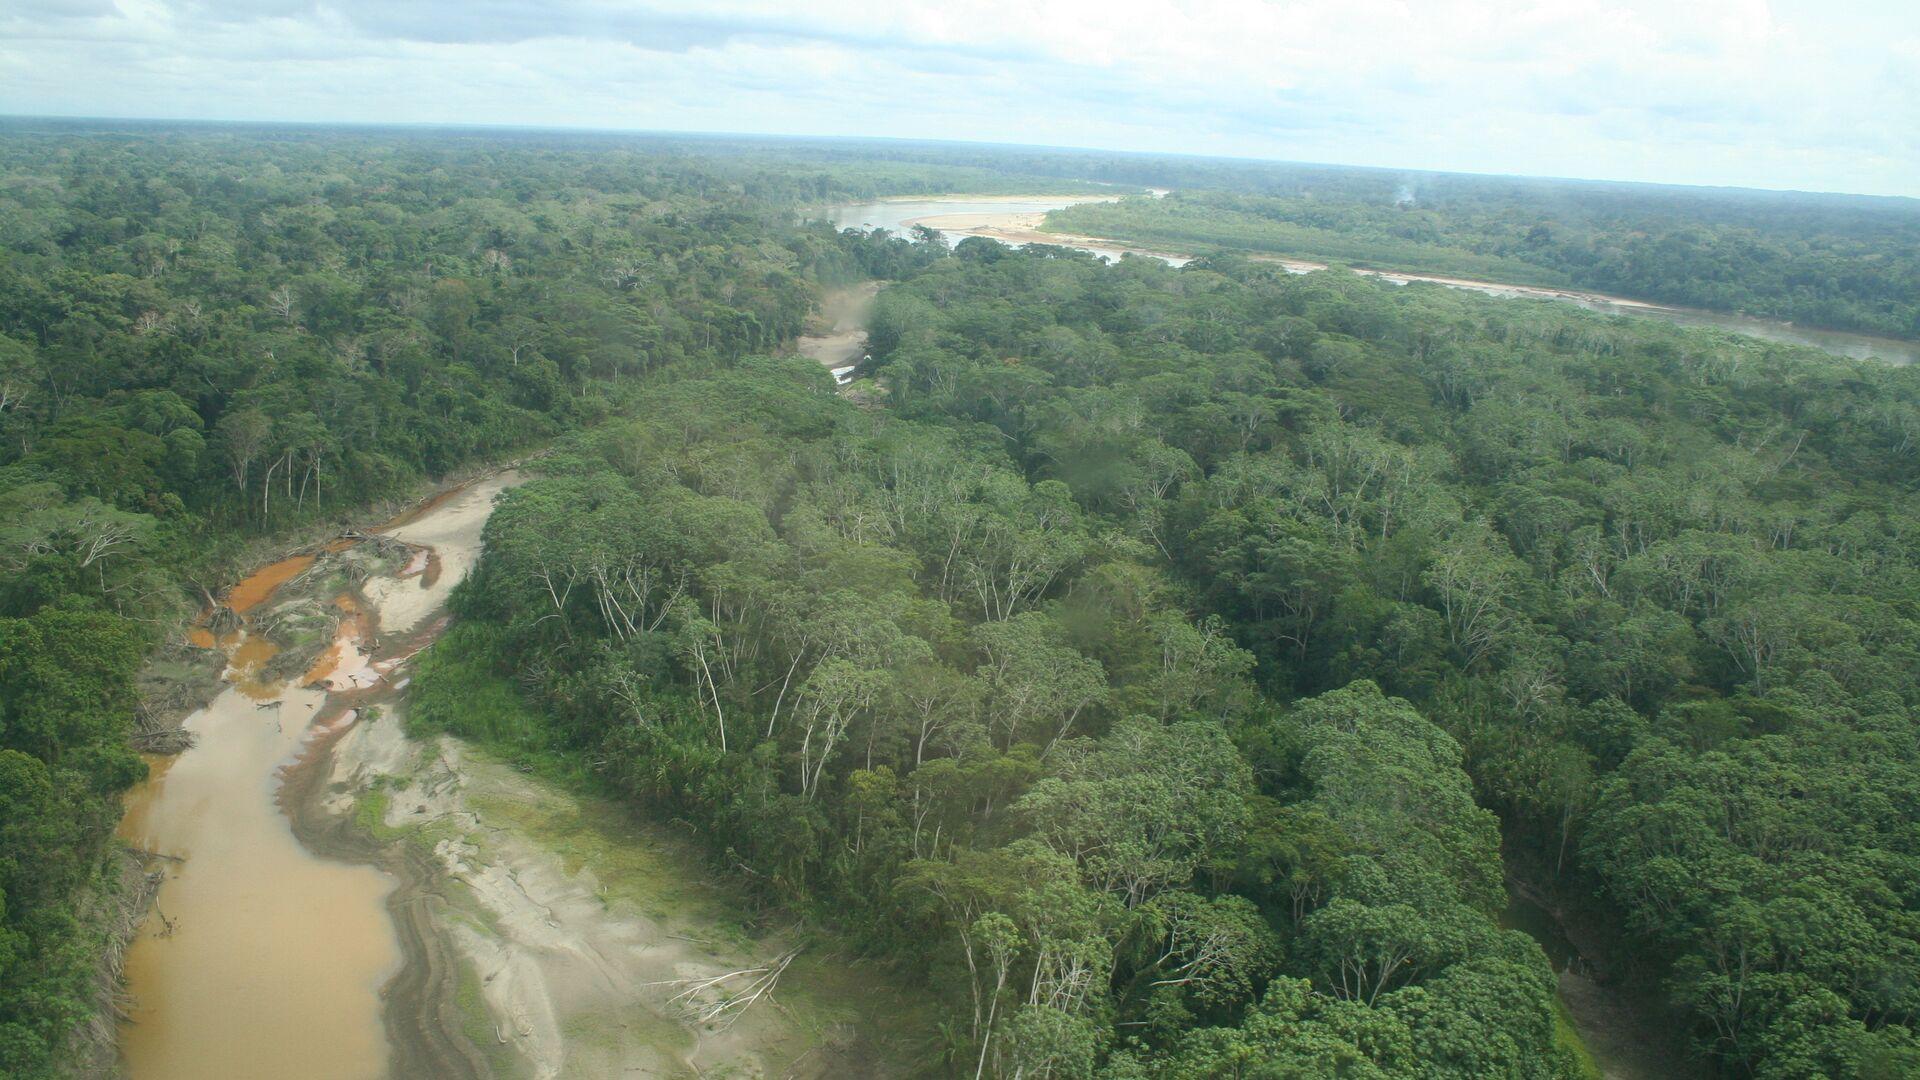 Amazonia, Perú - Sputnik Mundo, 1920, 31.03.2021